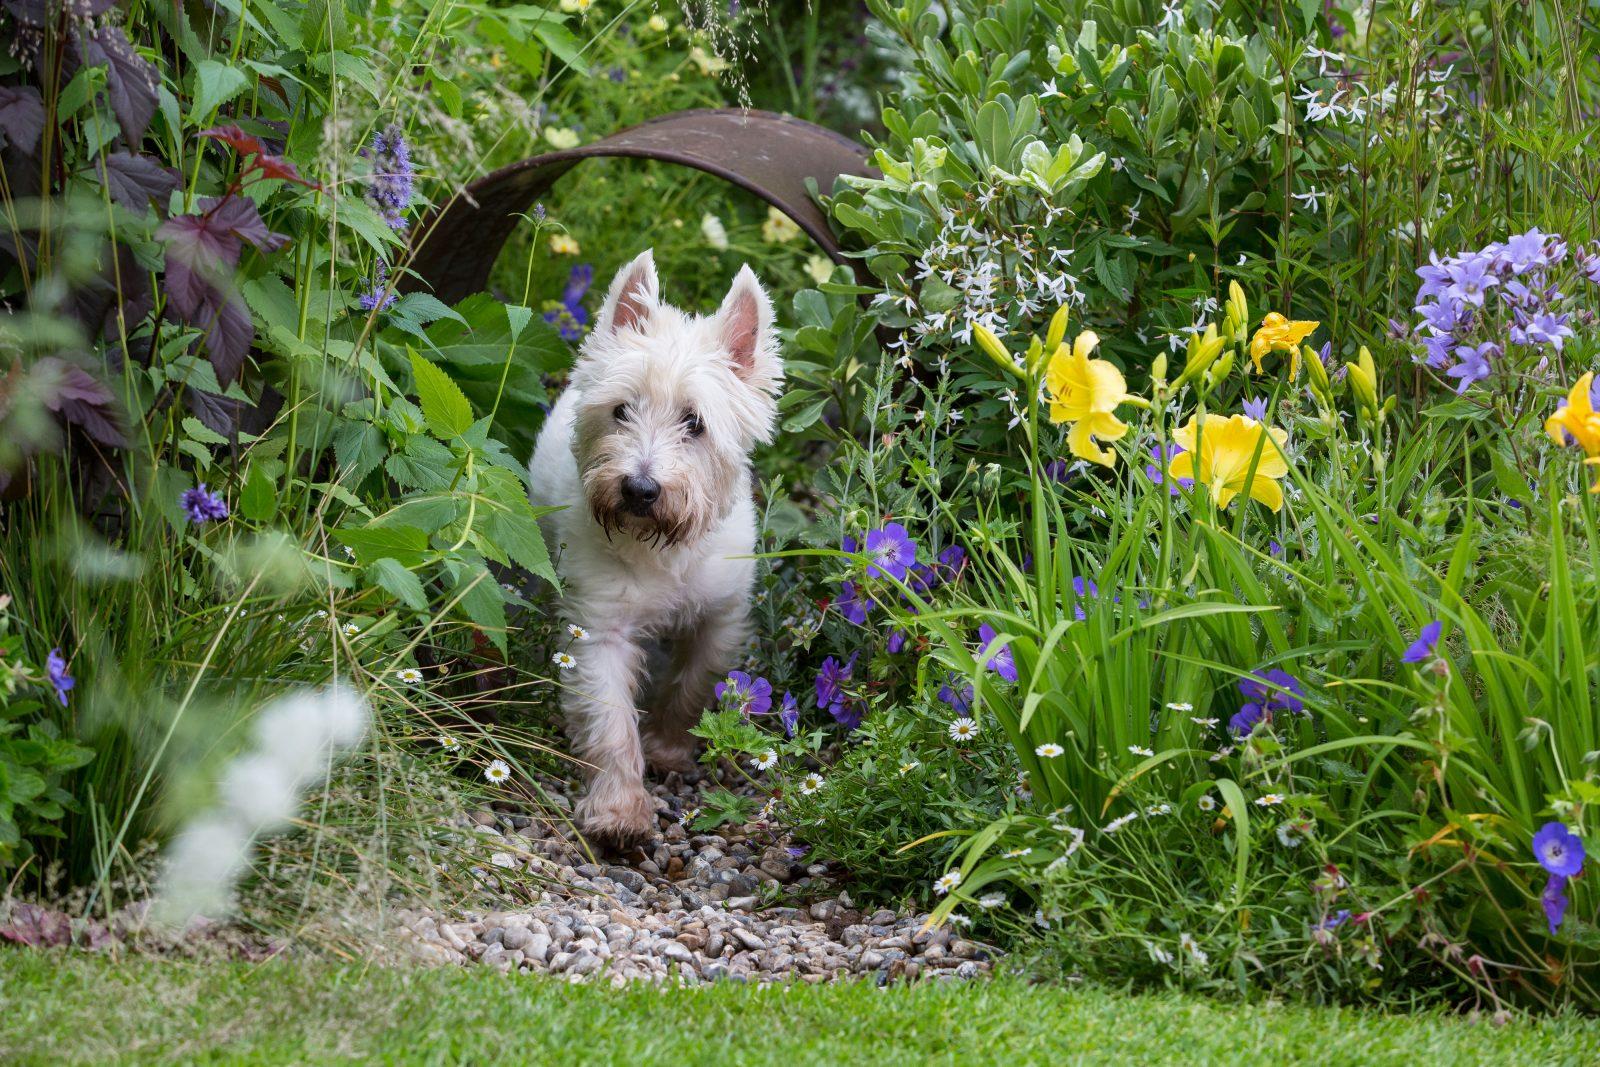 Westie tests Dogs Trust's dog-friendly garden at Hampton Court Flower Show 2016